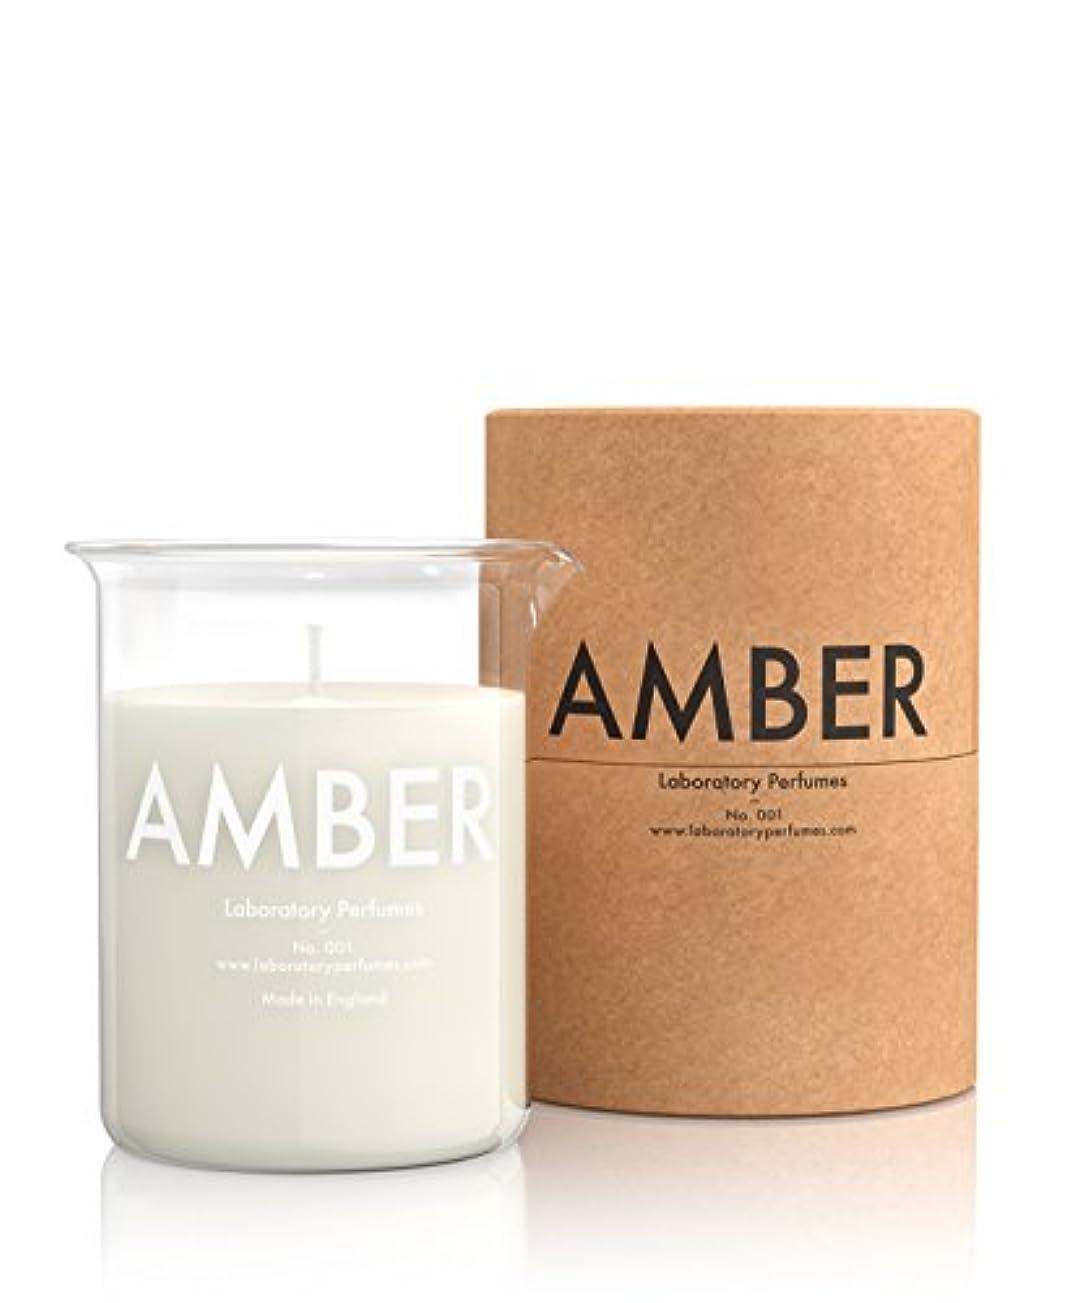 エジプト人カポックお勧めLabortory Perfumes キャンドル アンバー Amber (フローラルウッディー Floral Woody) Candle ラボラトリー パフューム